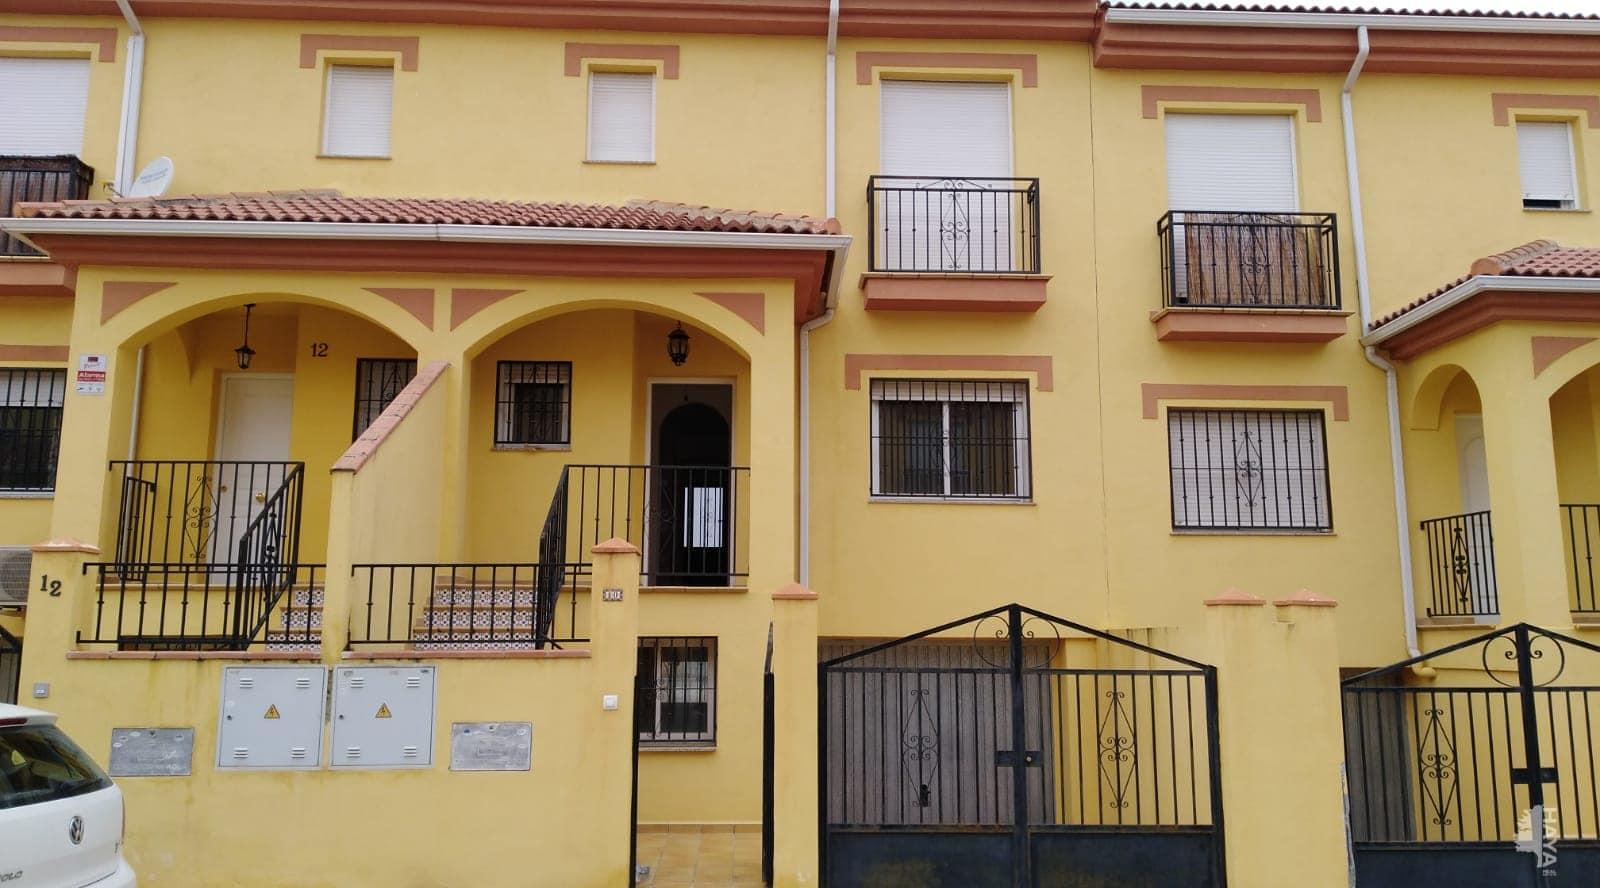 Casa en venta en Casas Bajas, Vegas del Genil, Granada, Calle Ilusión, 137.683 €, 3 habitaciones, 1 baño, 180 m2